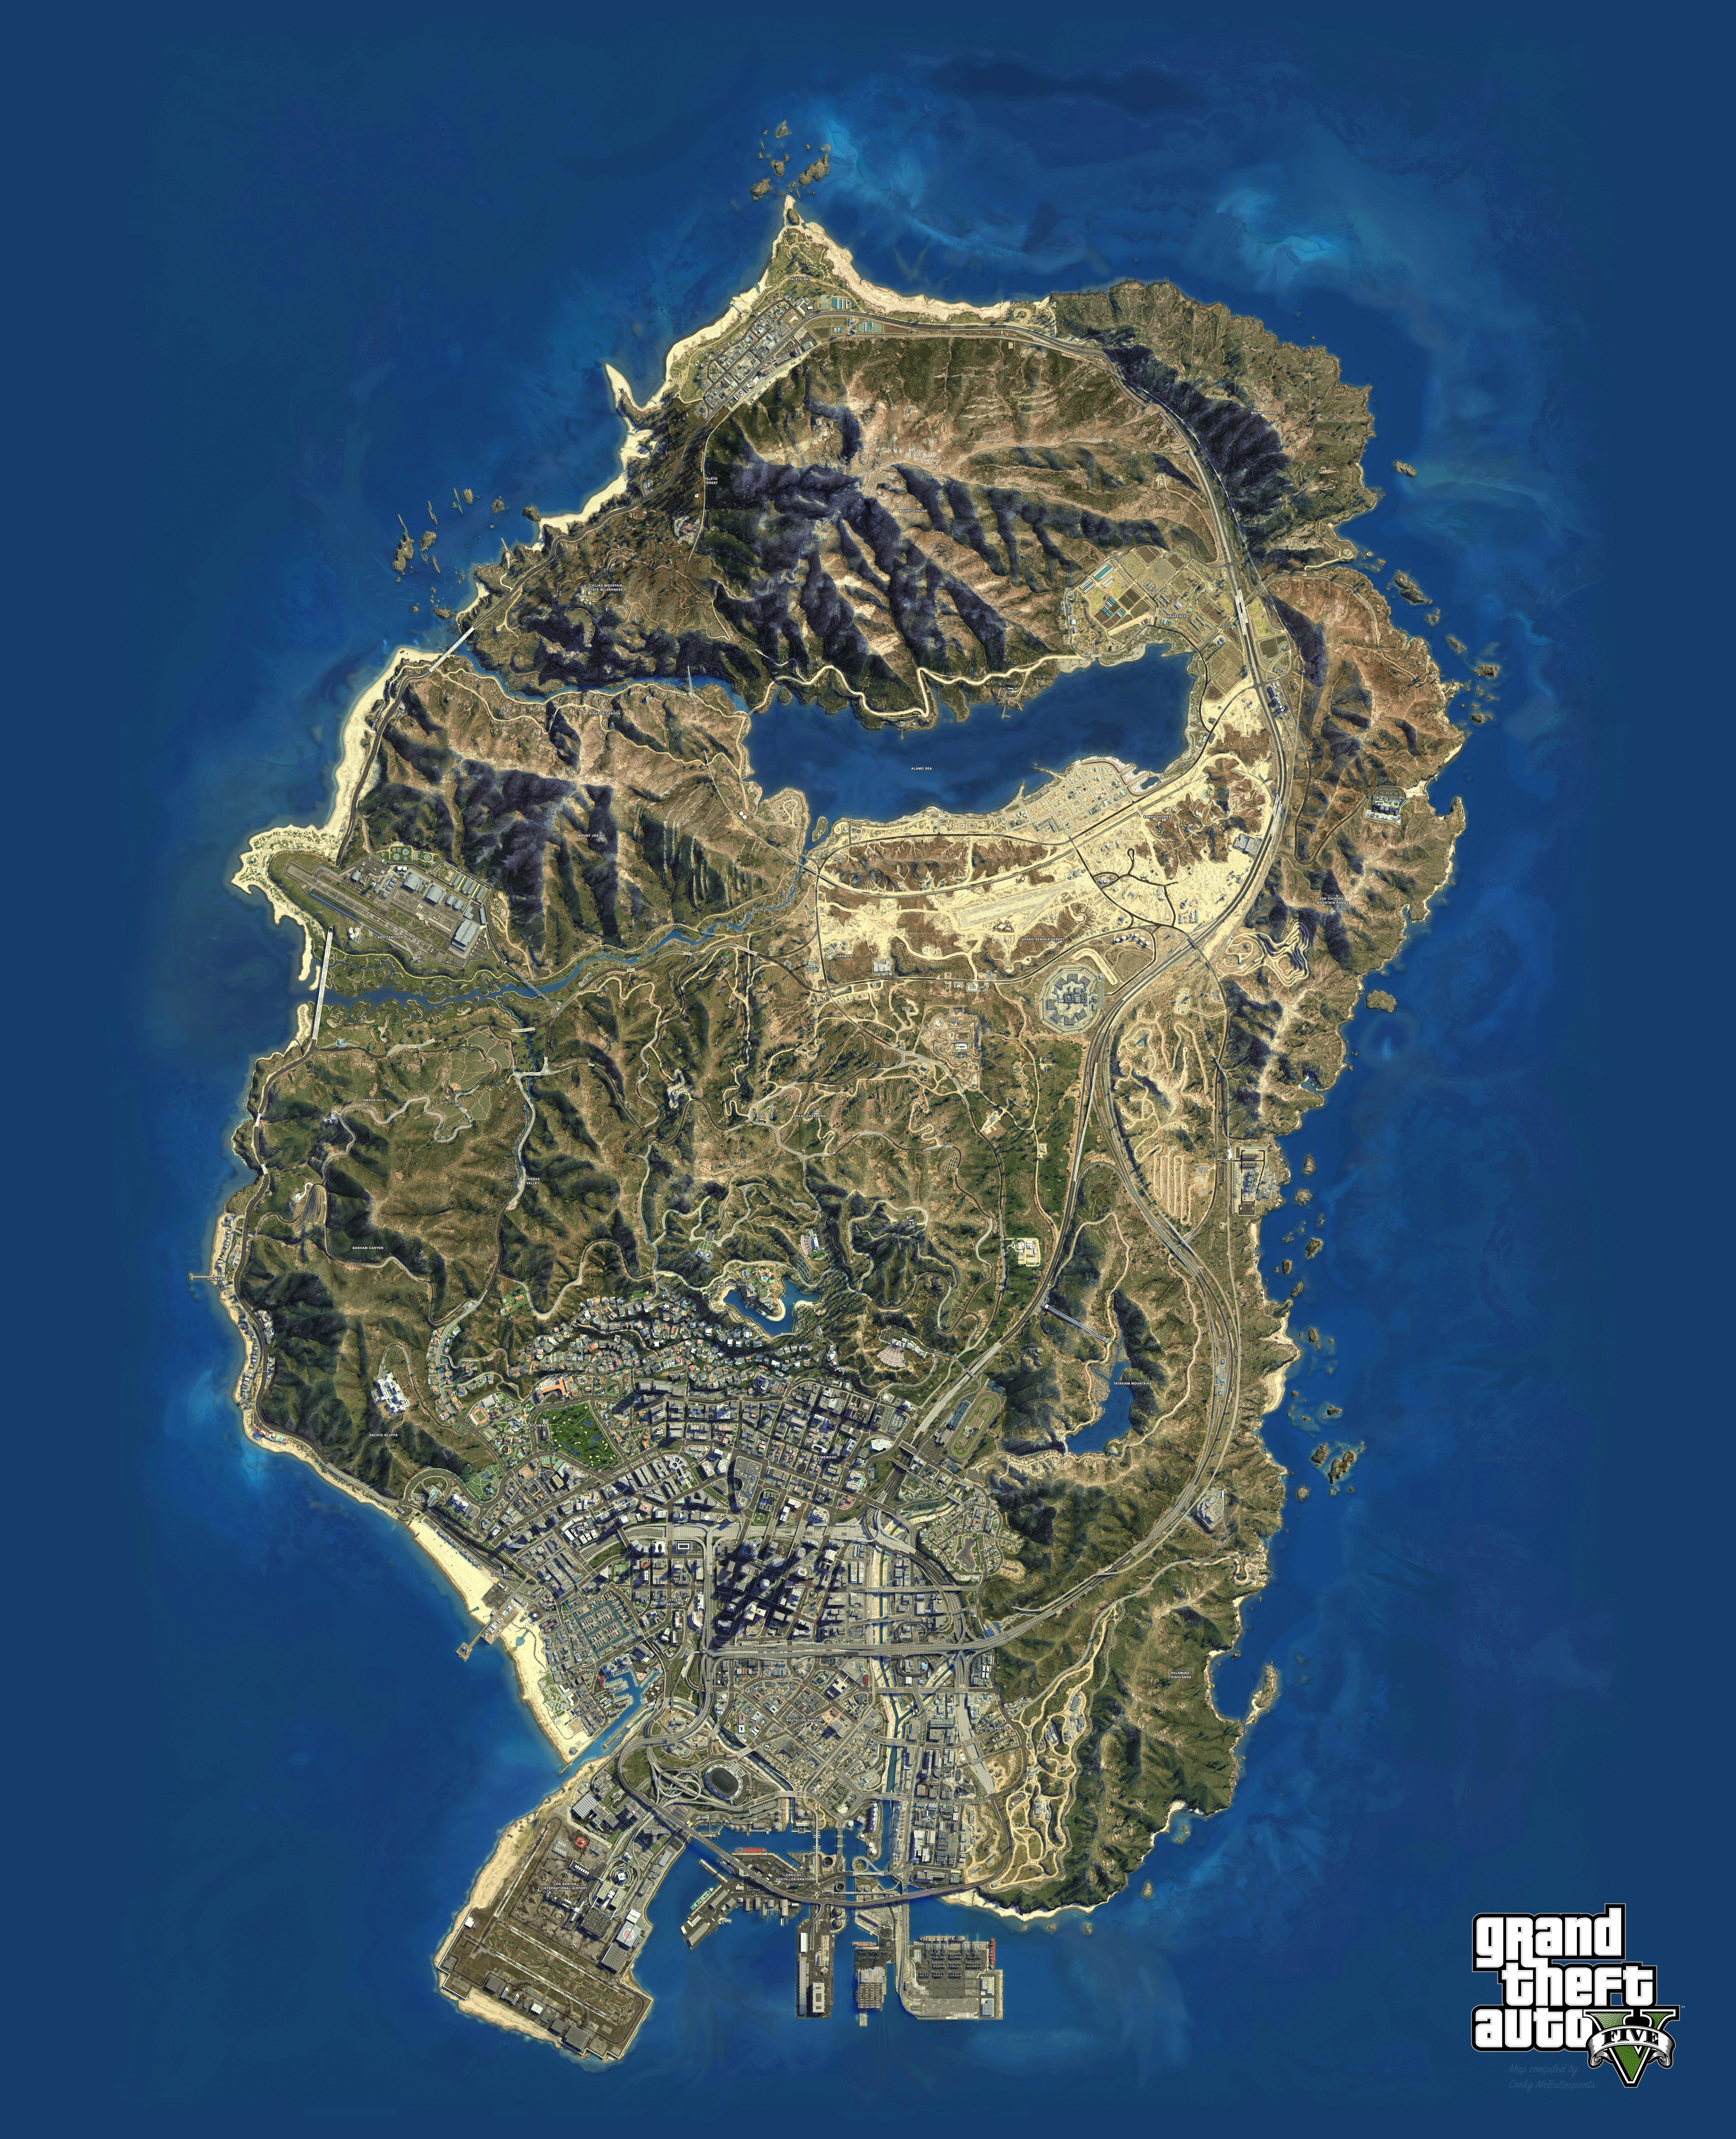 Карта обрывков письма в GTA 5